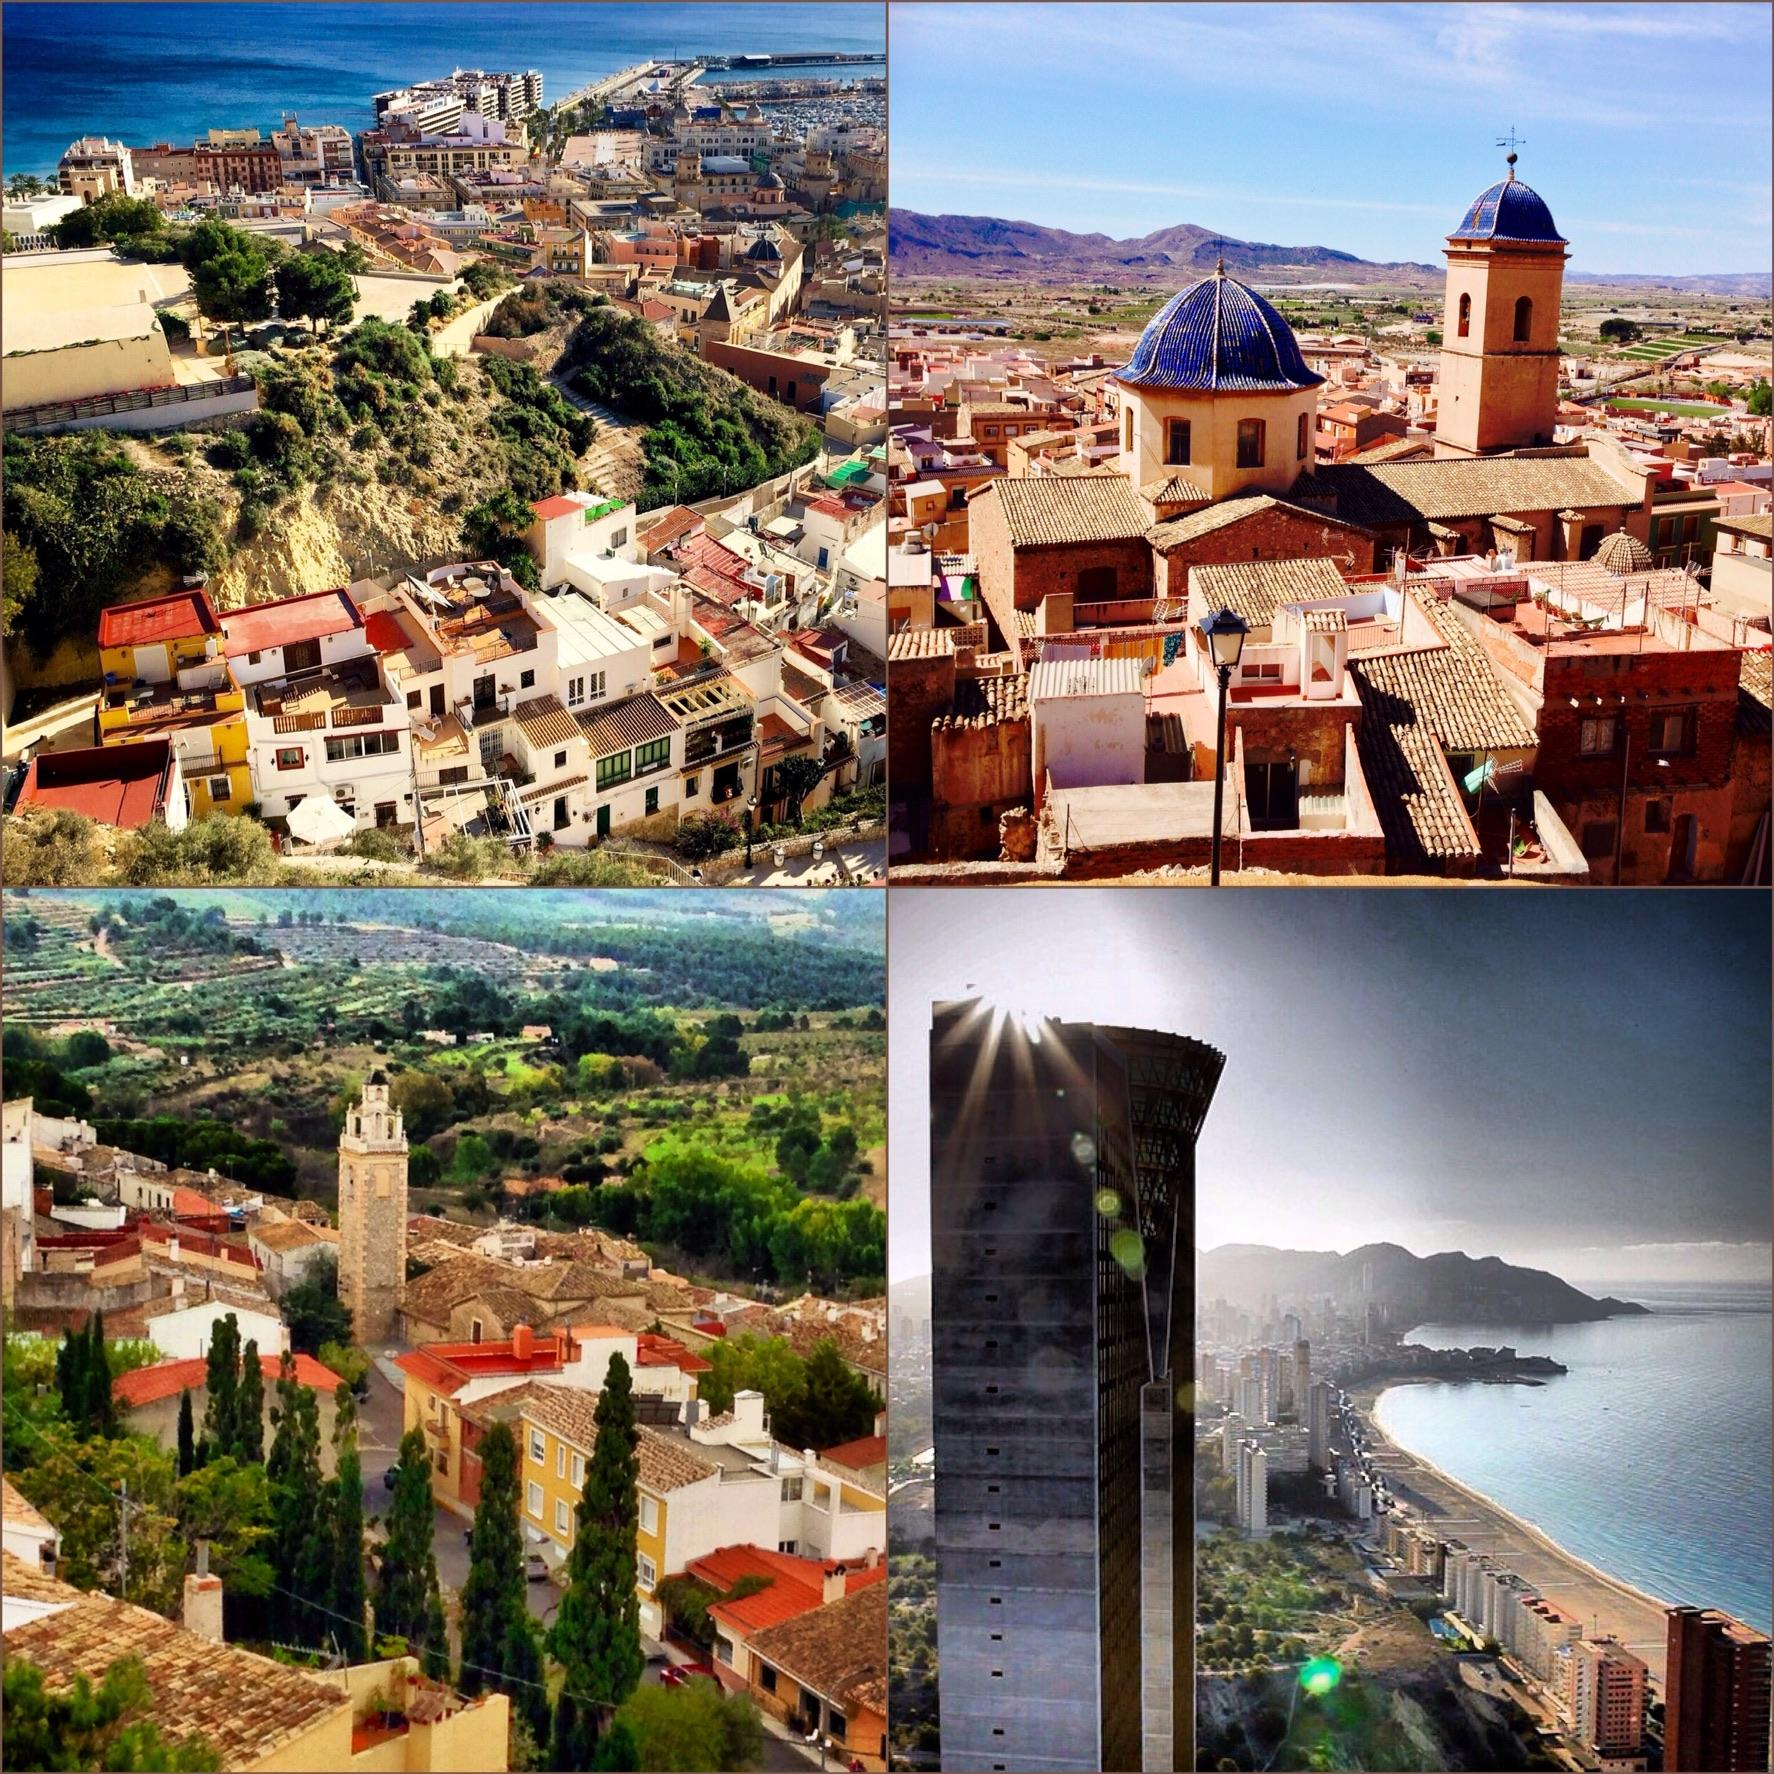 La riqueza de Alicante, sus ciudades y sus maravillosos pueblos